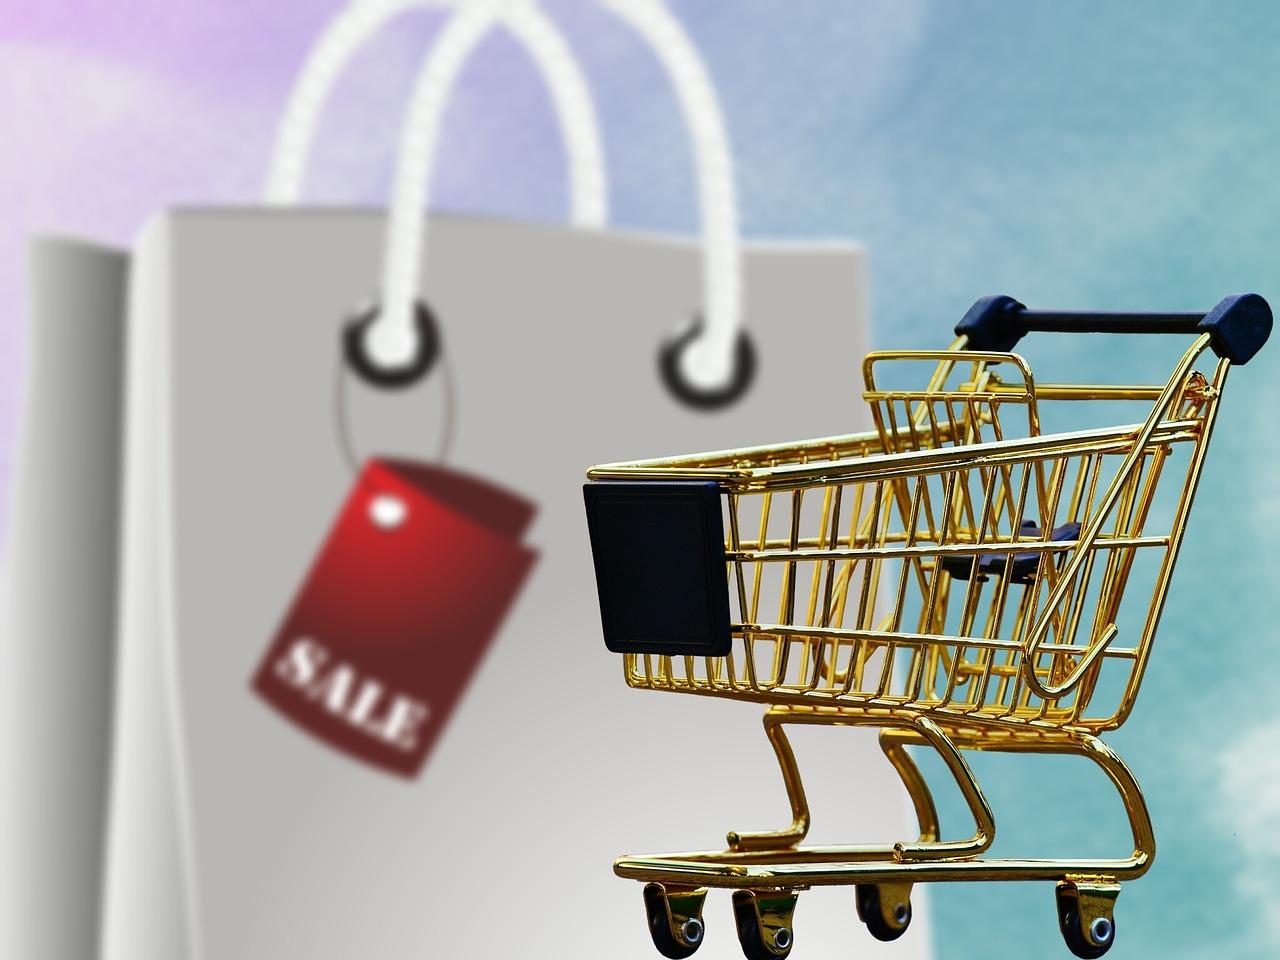 Amazonでの買い物は、大幅値引きが期待できるタイムセールを狙え!Amazonタイムセールスケジュール一覧!